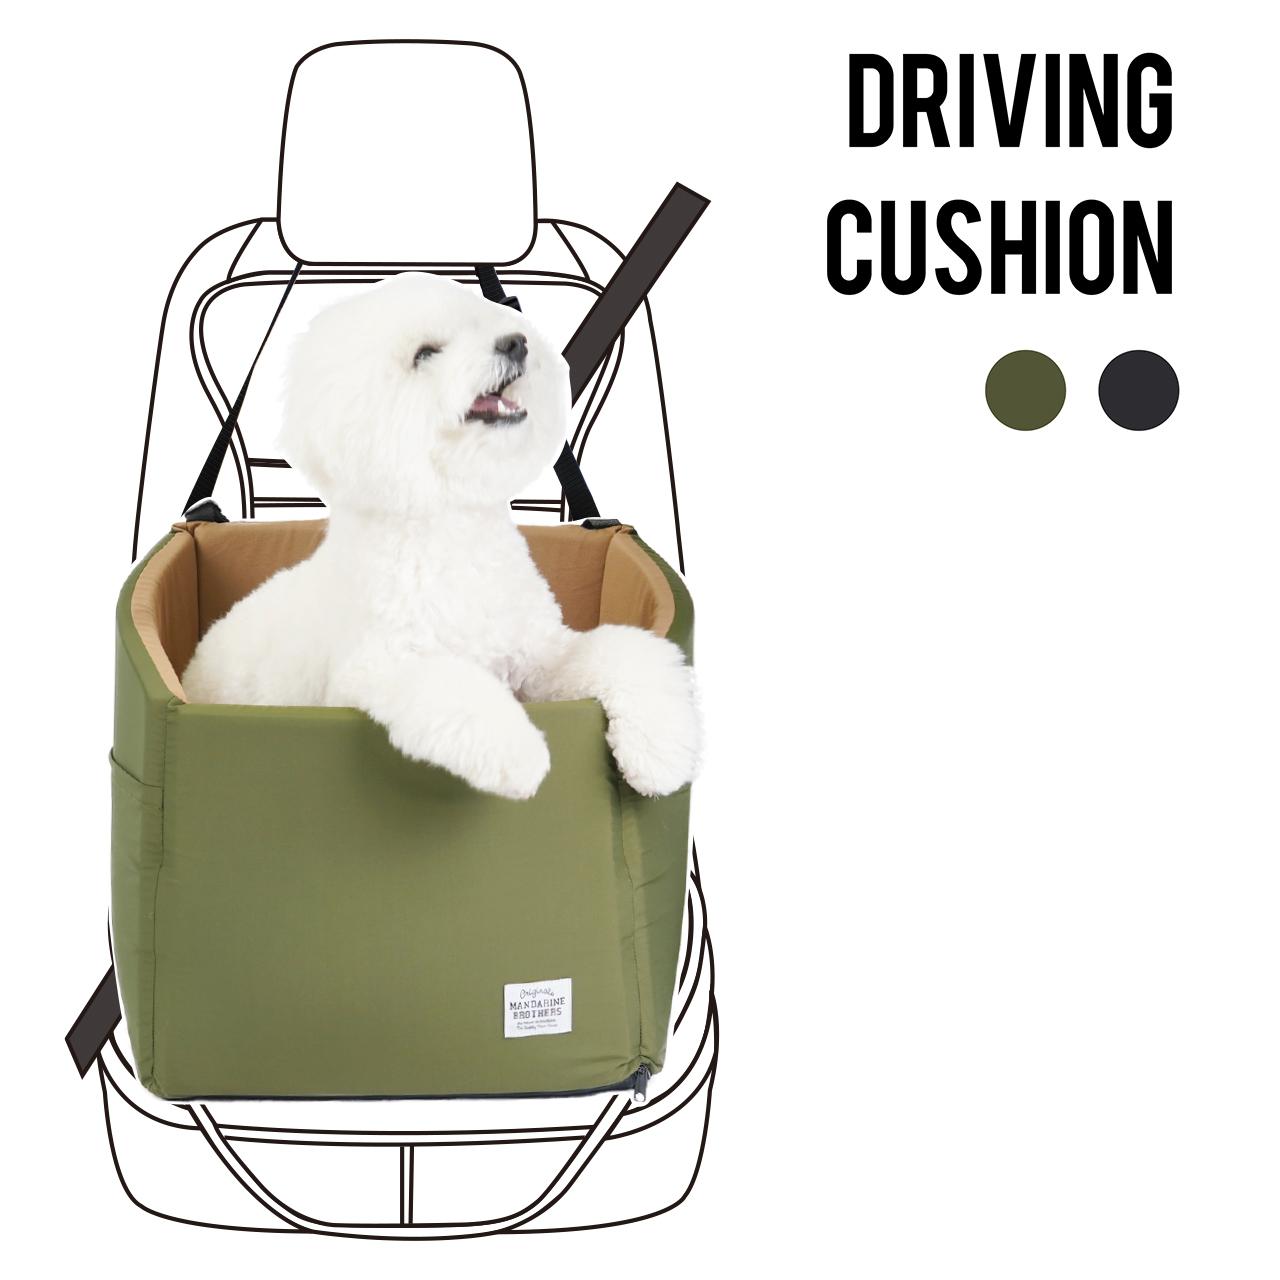 DRIVING CUSHION ドライビングクッション